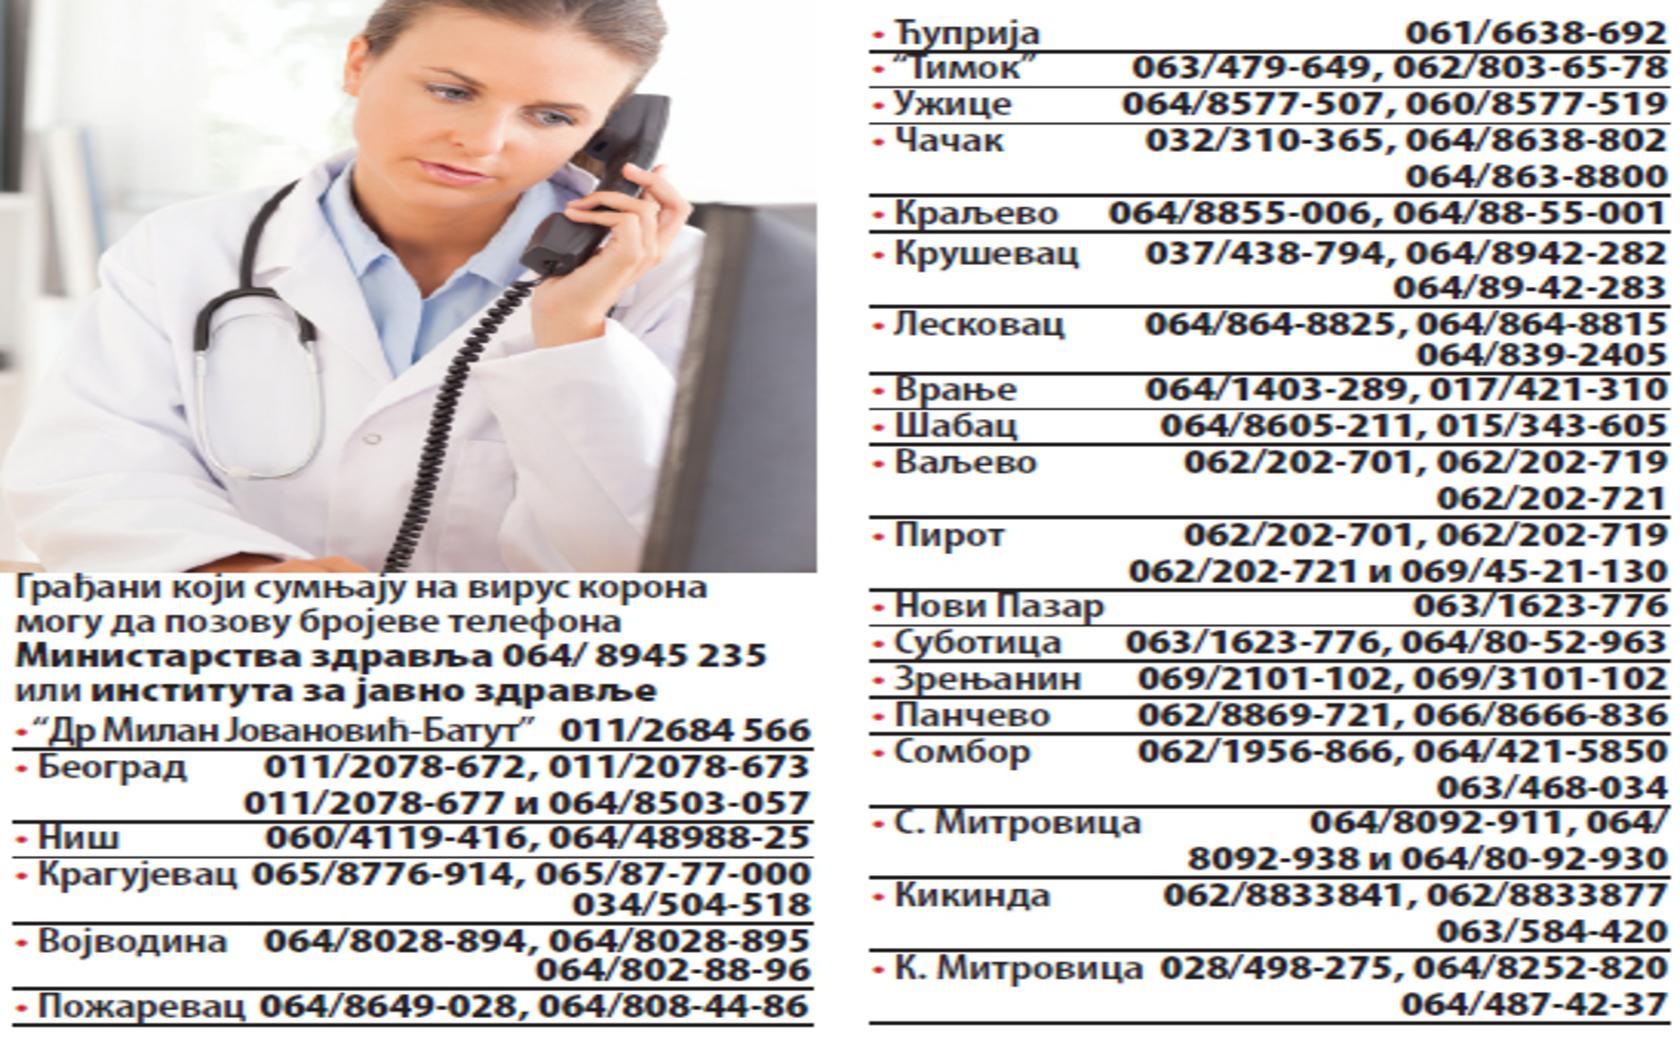 min 1680x1050 - Ministarstvo zdravlja uvelo novih 20 telefonskih linija za koronu